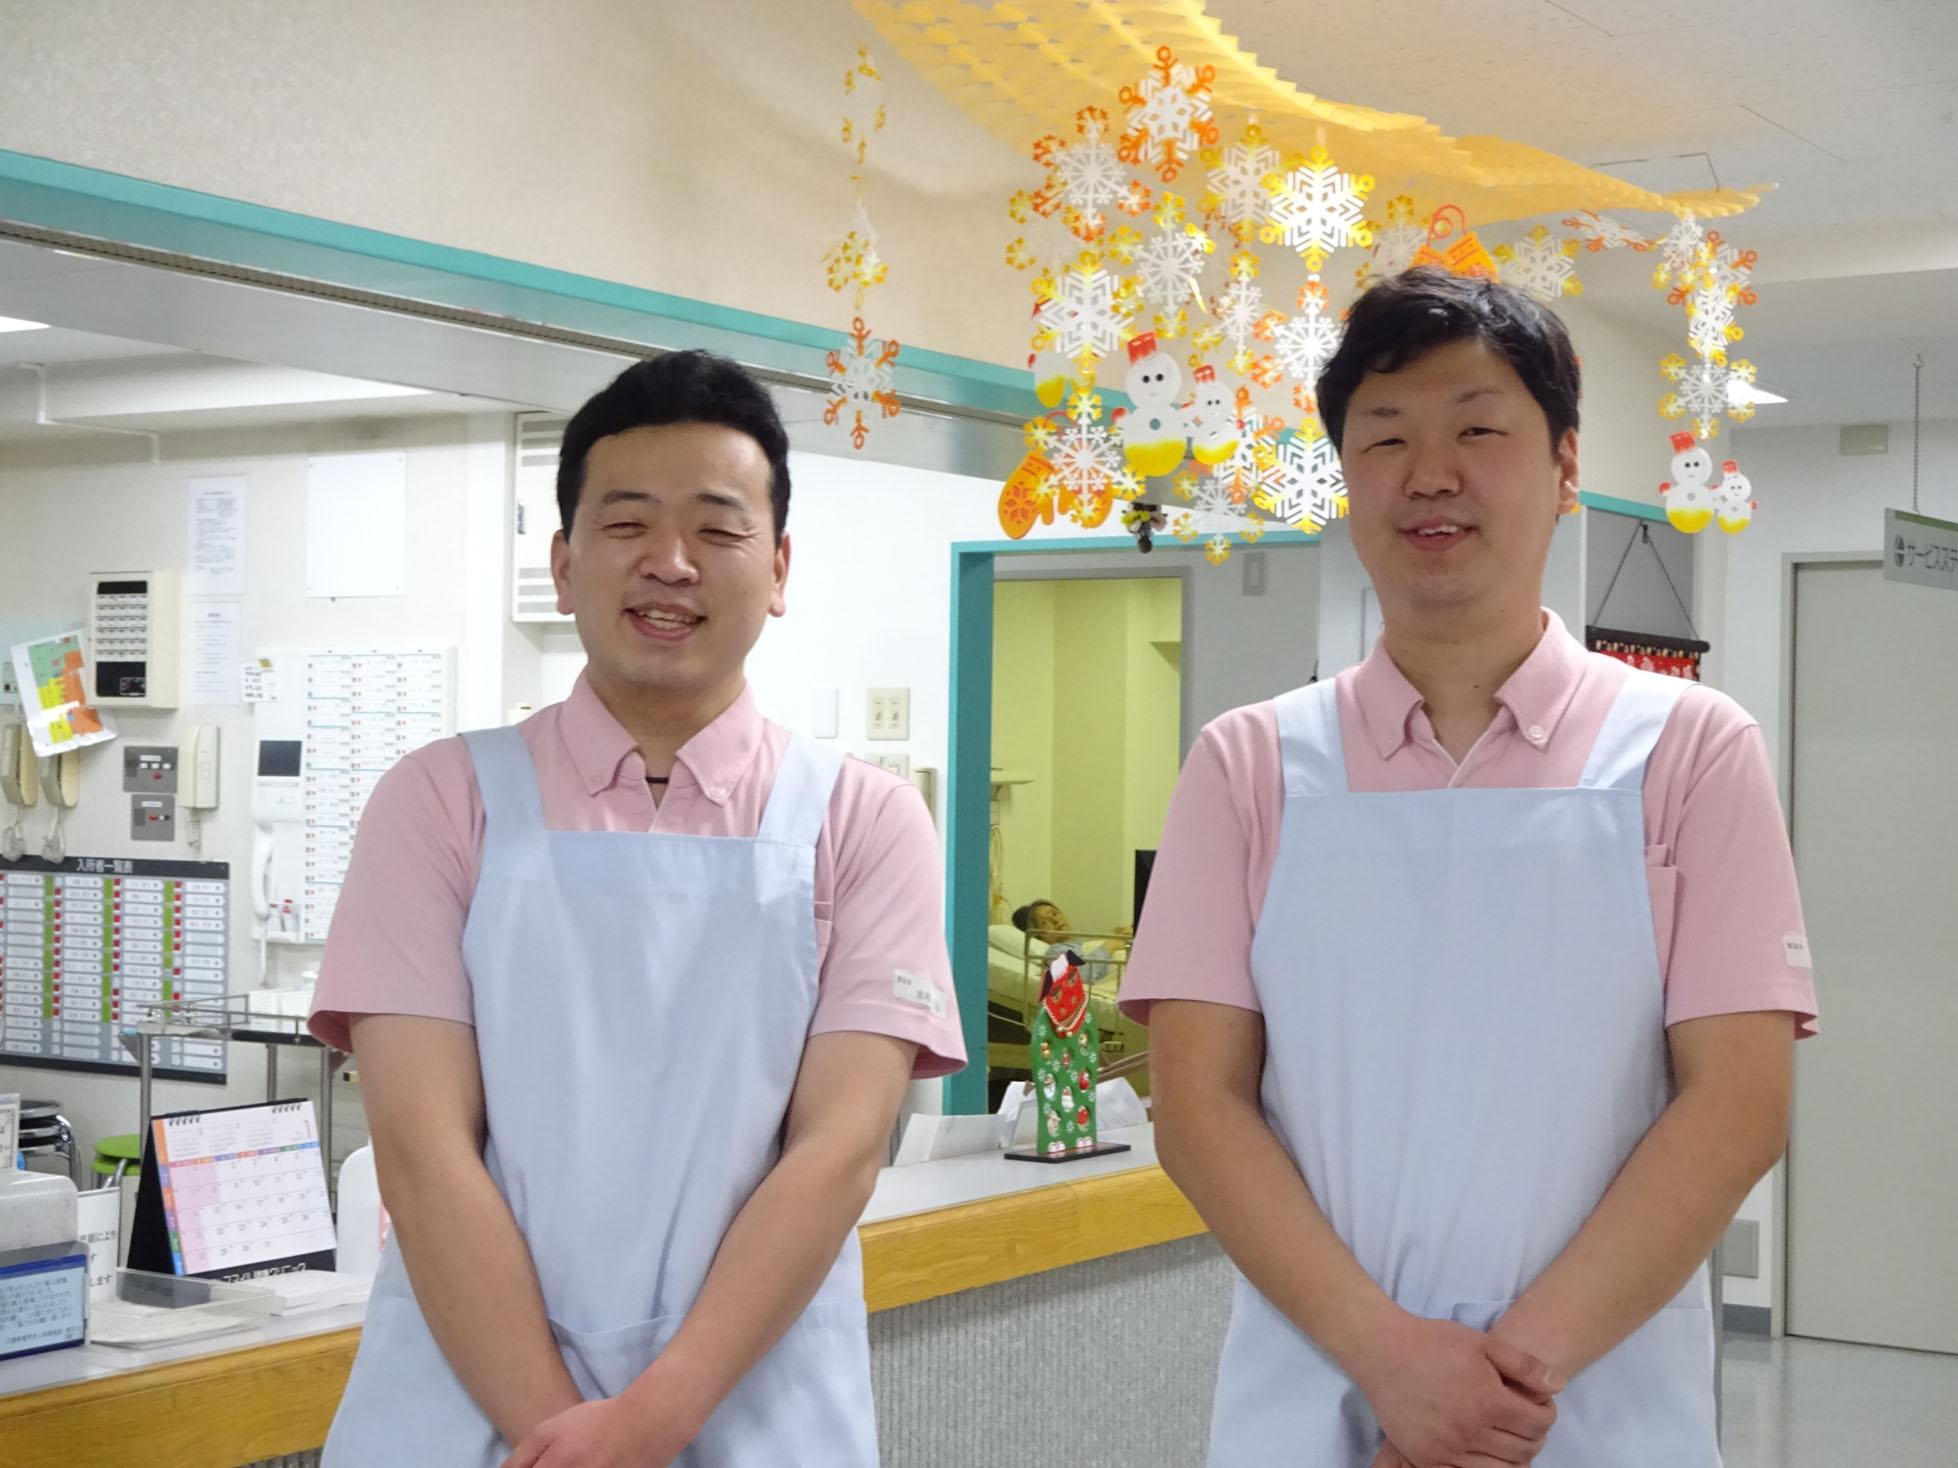 介護療養型老人保健施設におけるケア業務 要介護度4~5の入所者127名の介護(入浴、食事、排泄、更衣など)